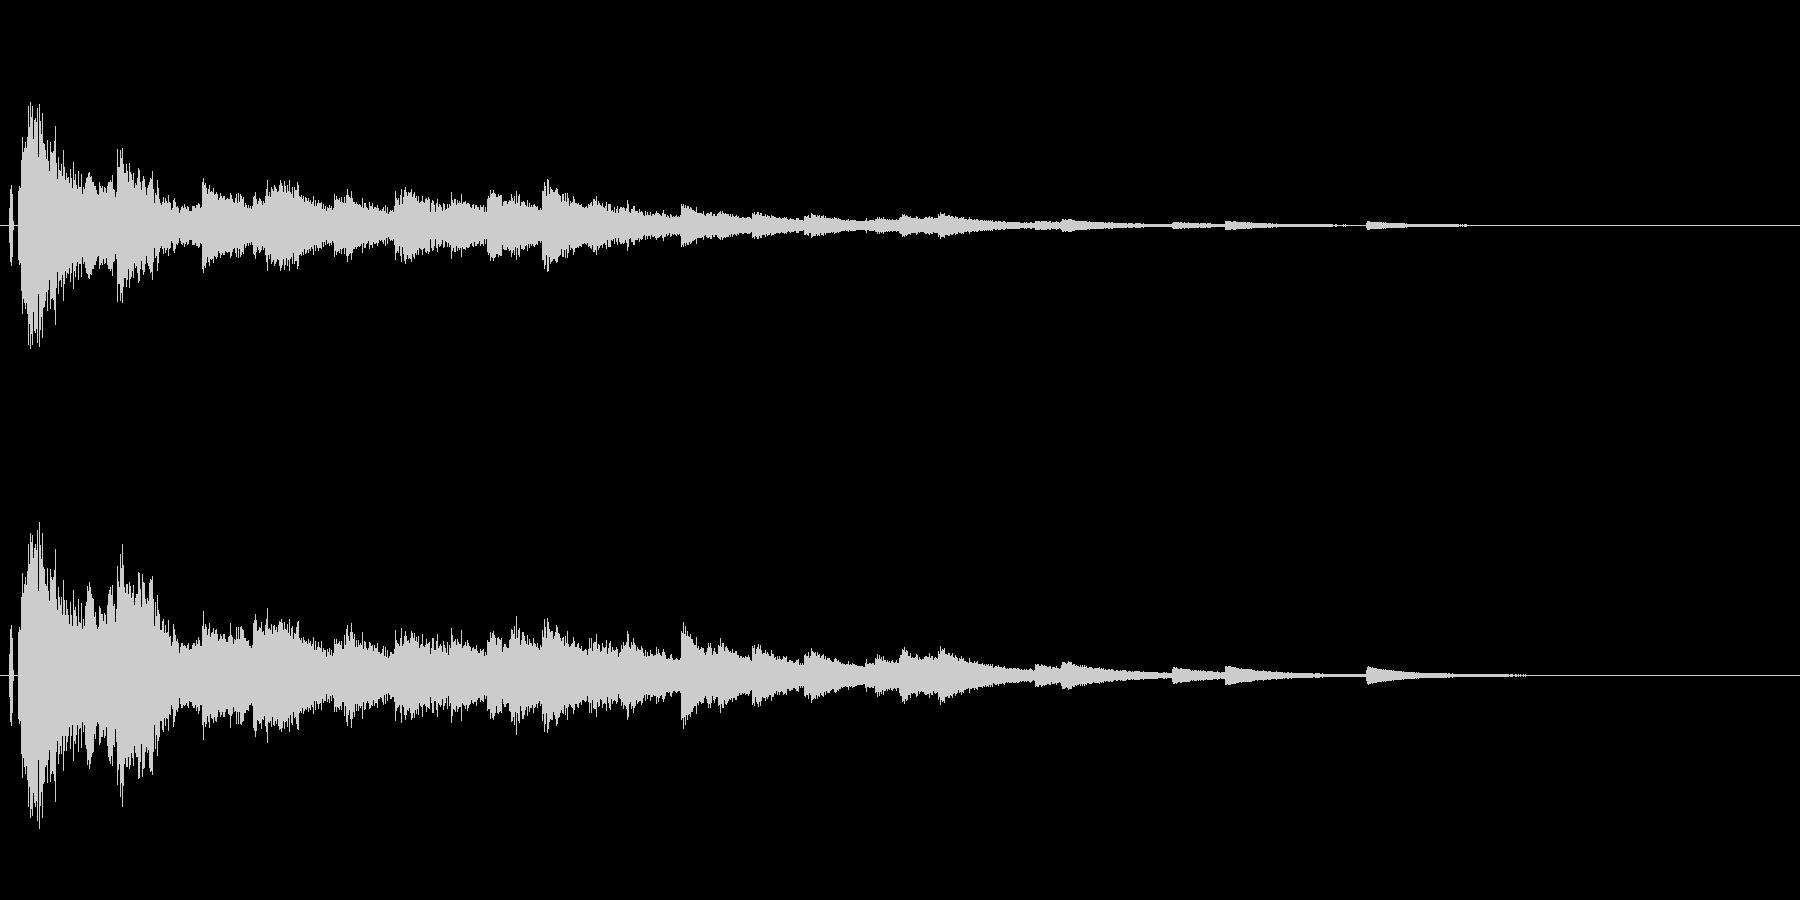 しゃらららららららーー ウィンドチャイ…の未再生の波形